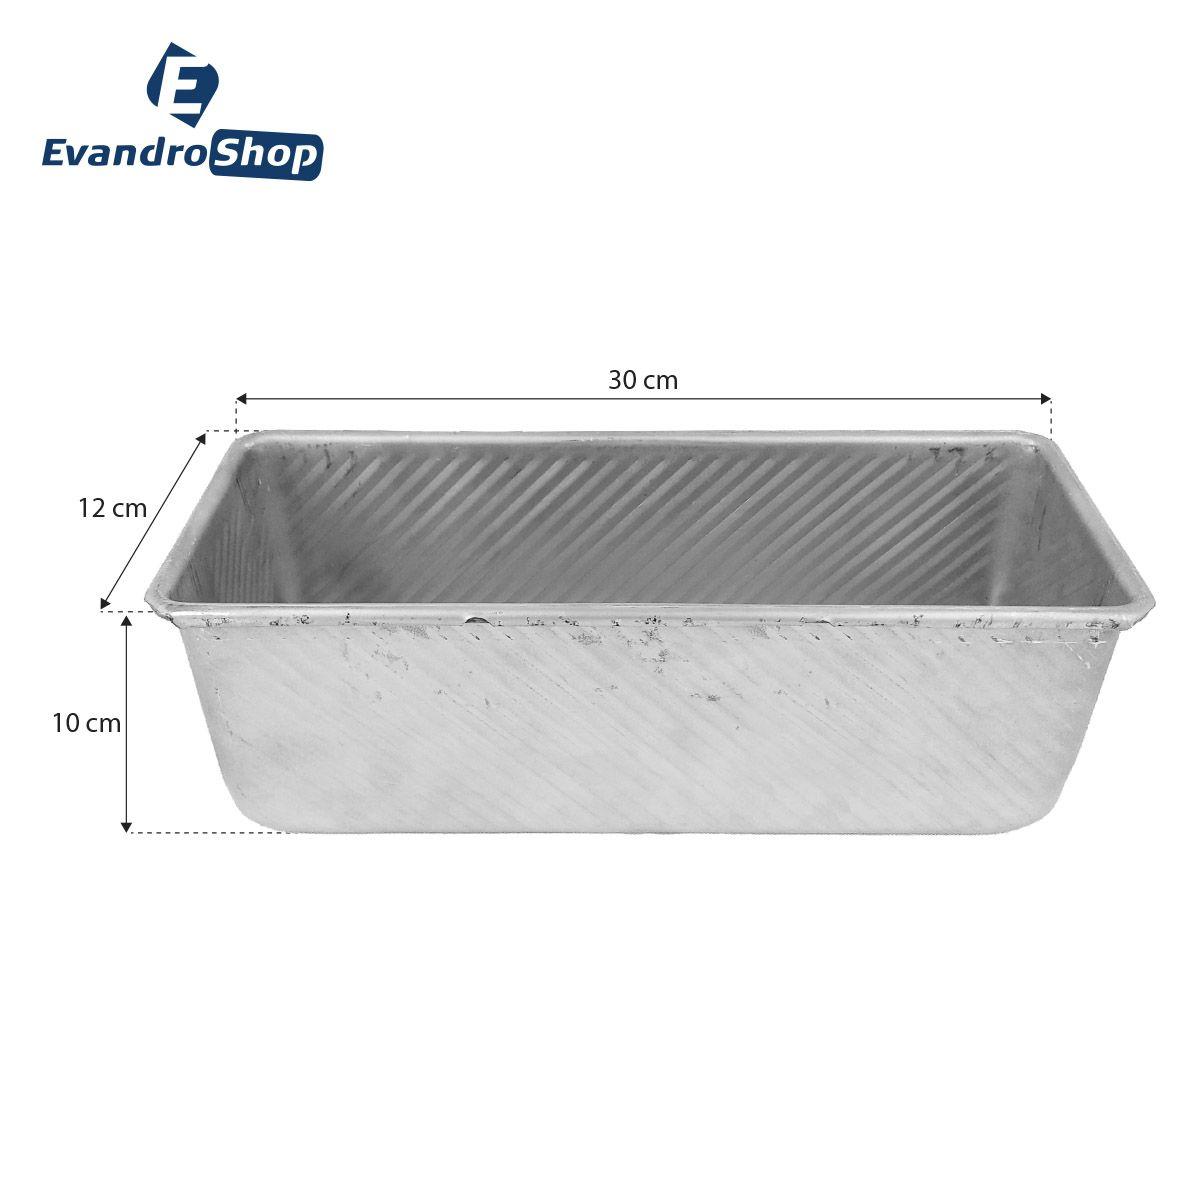 Forma Retangular Pão 30x12x10 Cm - Cainco